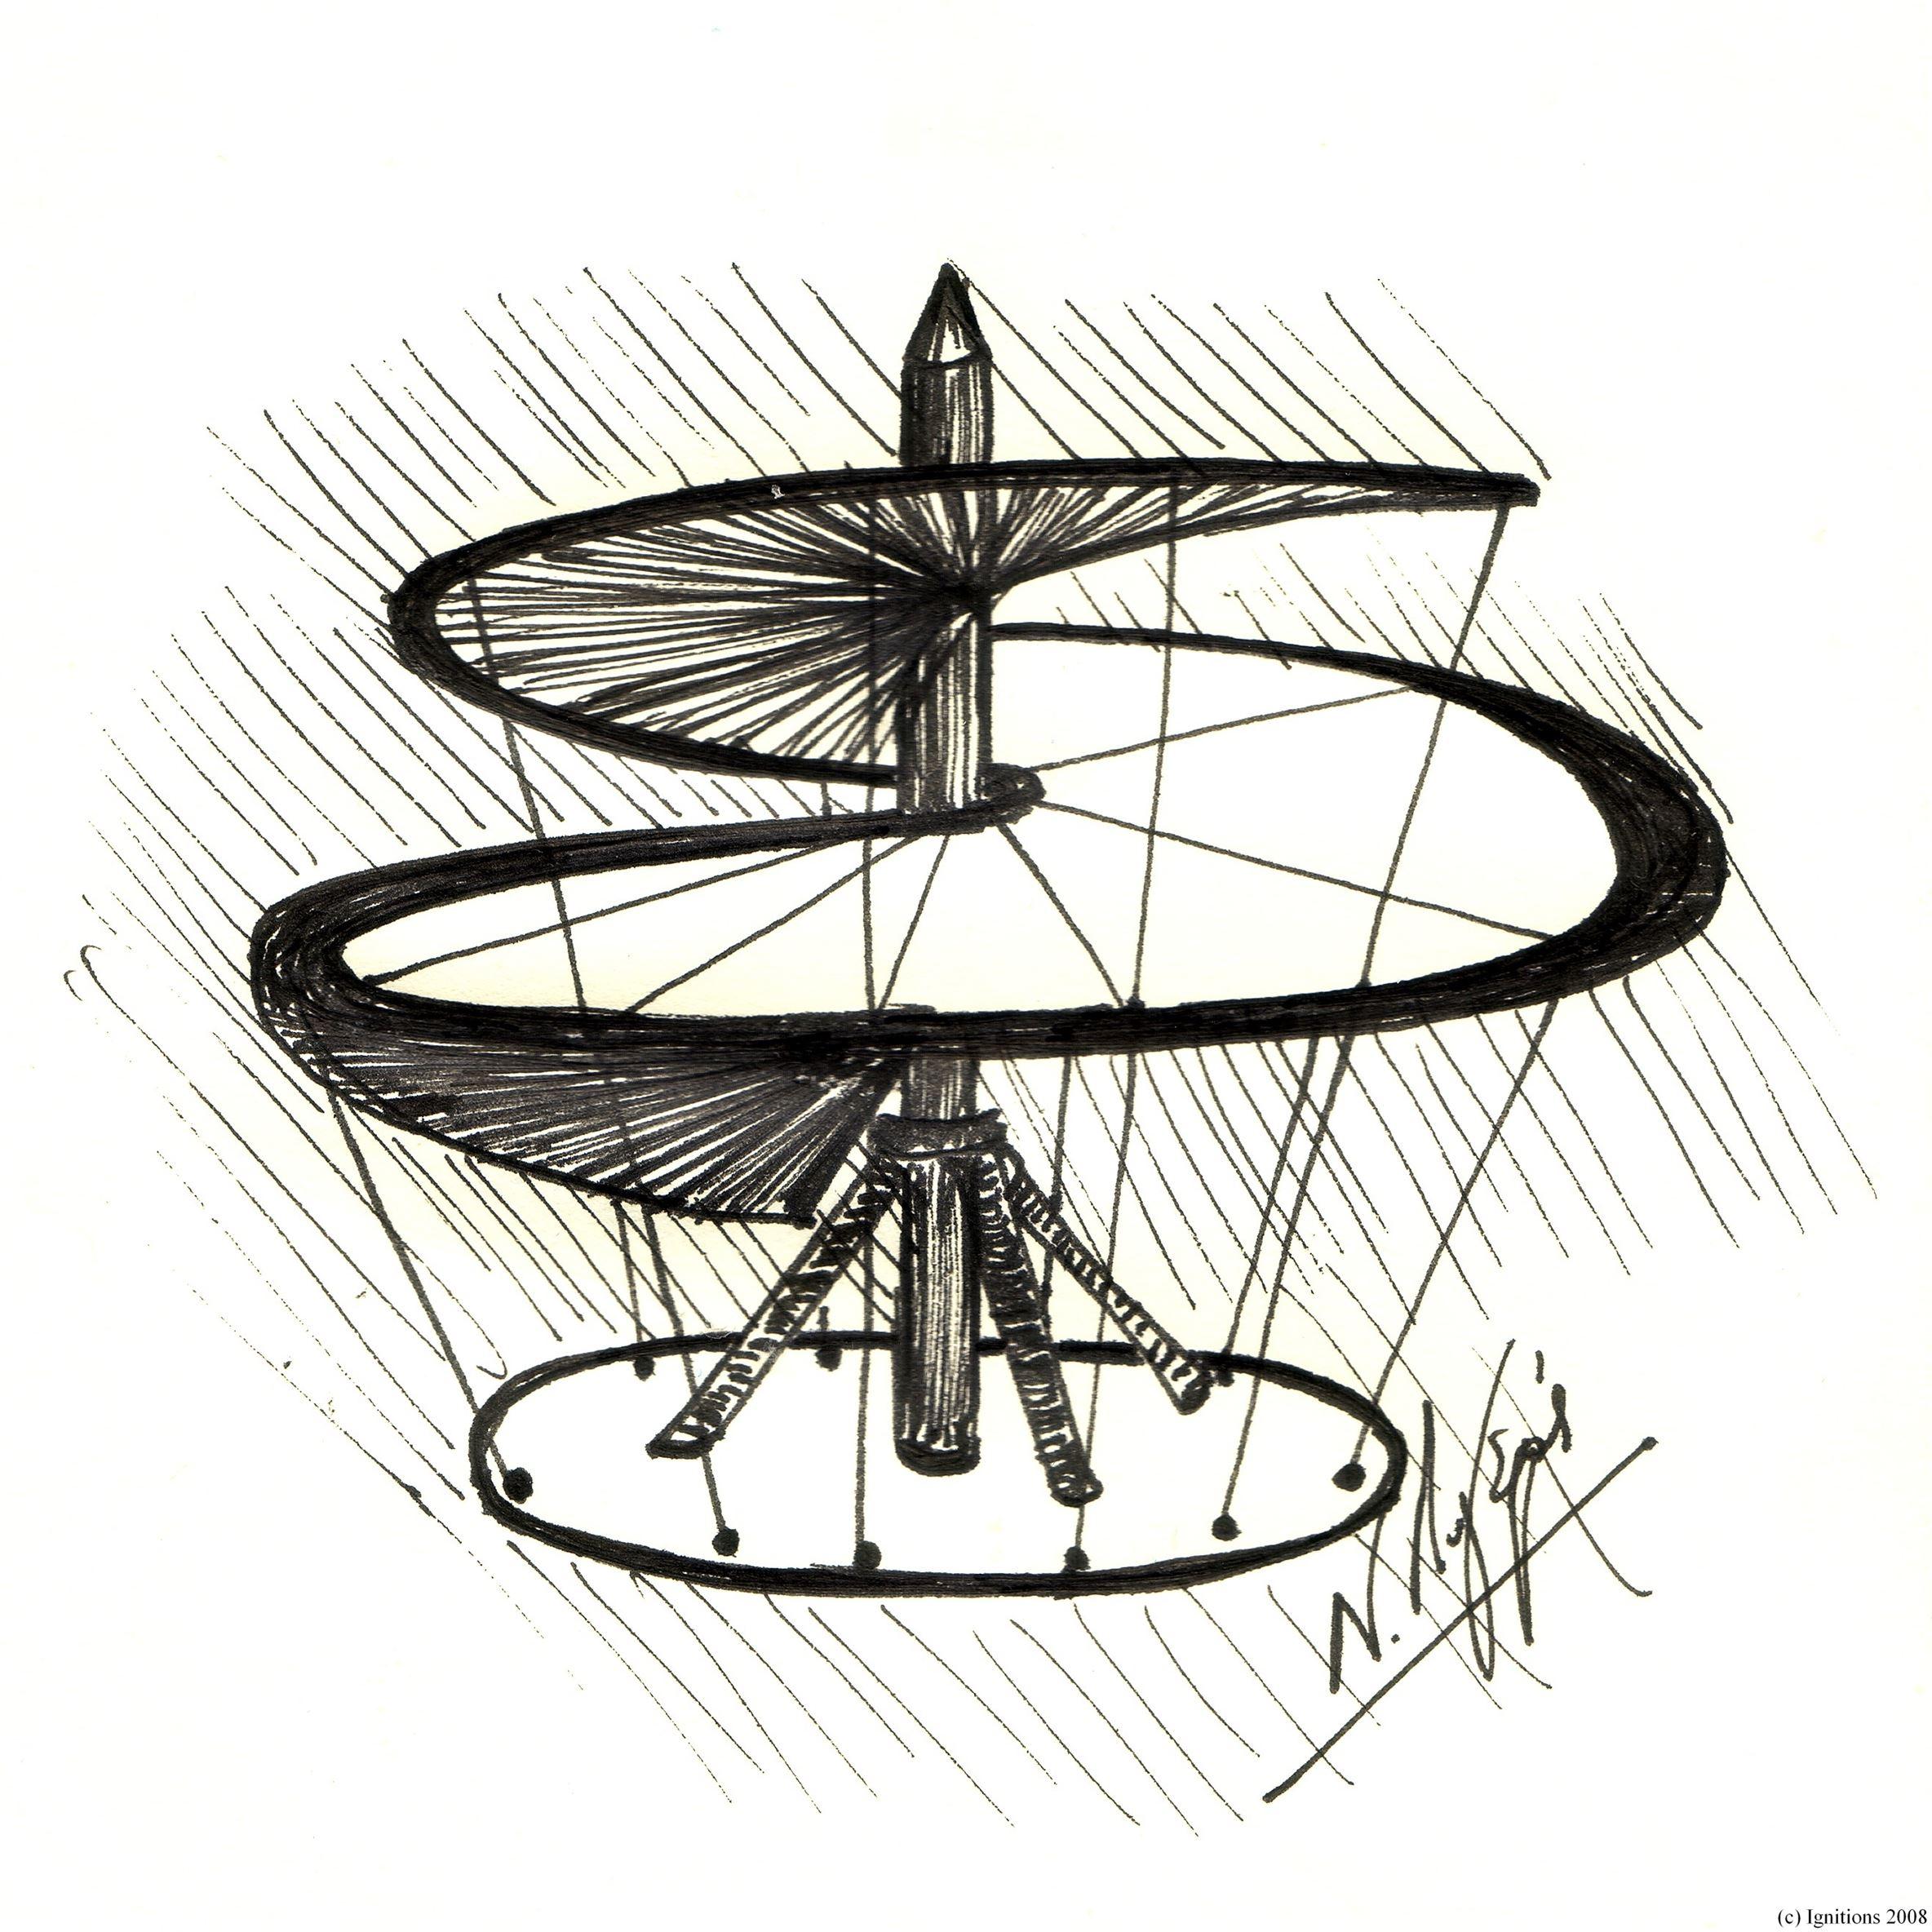 Ιπτάμενη μηχανή του Leonardo da Vinci. Machine volante de Leonardo da Vinci